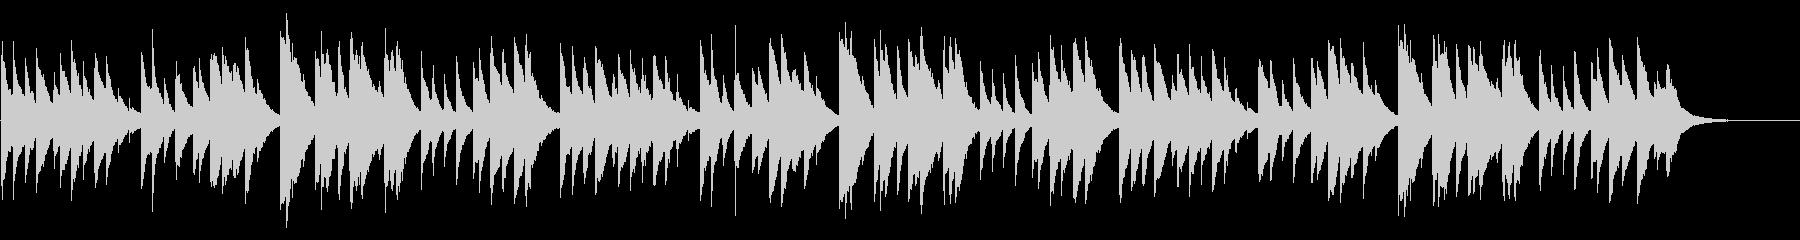 ふるさと 72弁オルゴールの未再生の波形